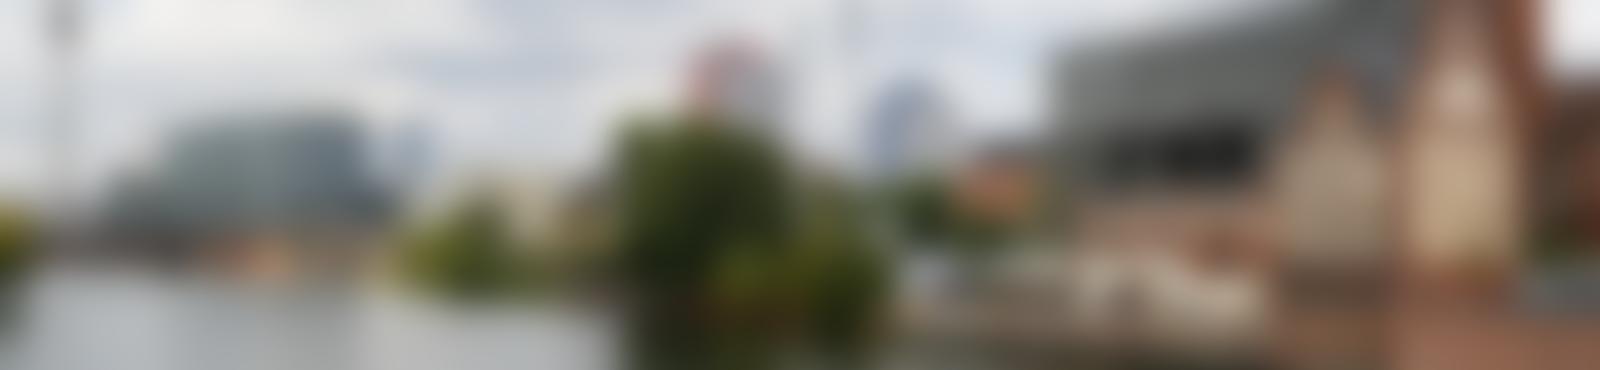 Blurred 51f0d729 d195 4d2a b89f 9c6d9121d6bf